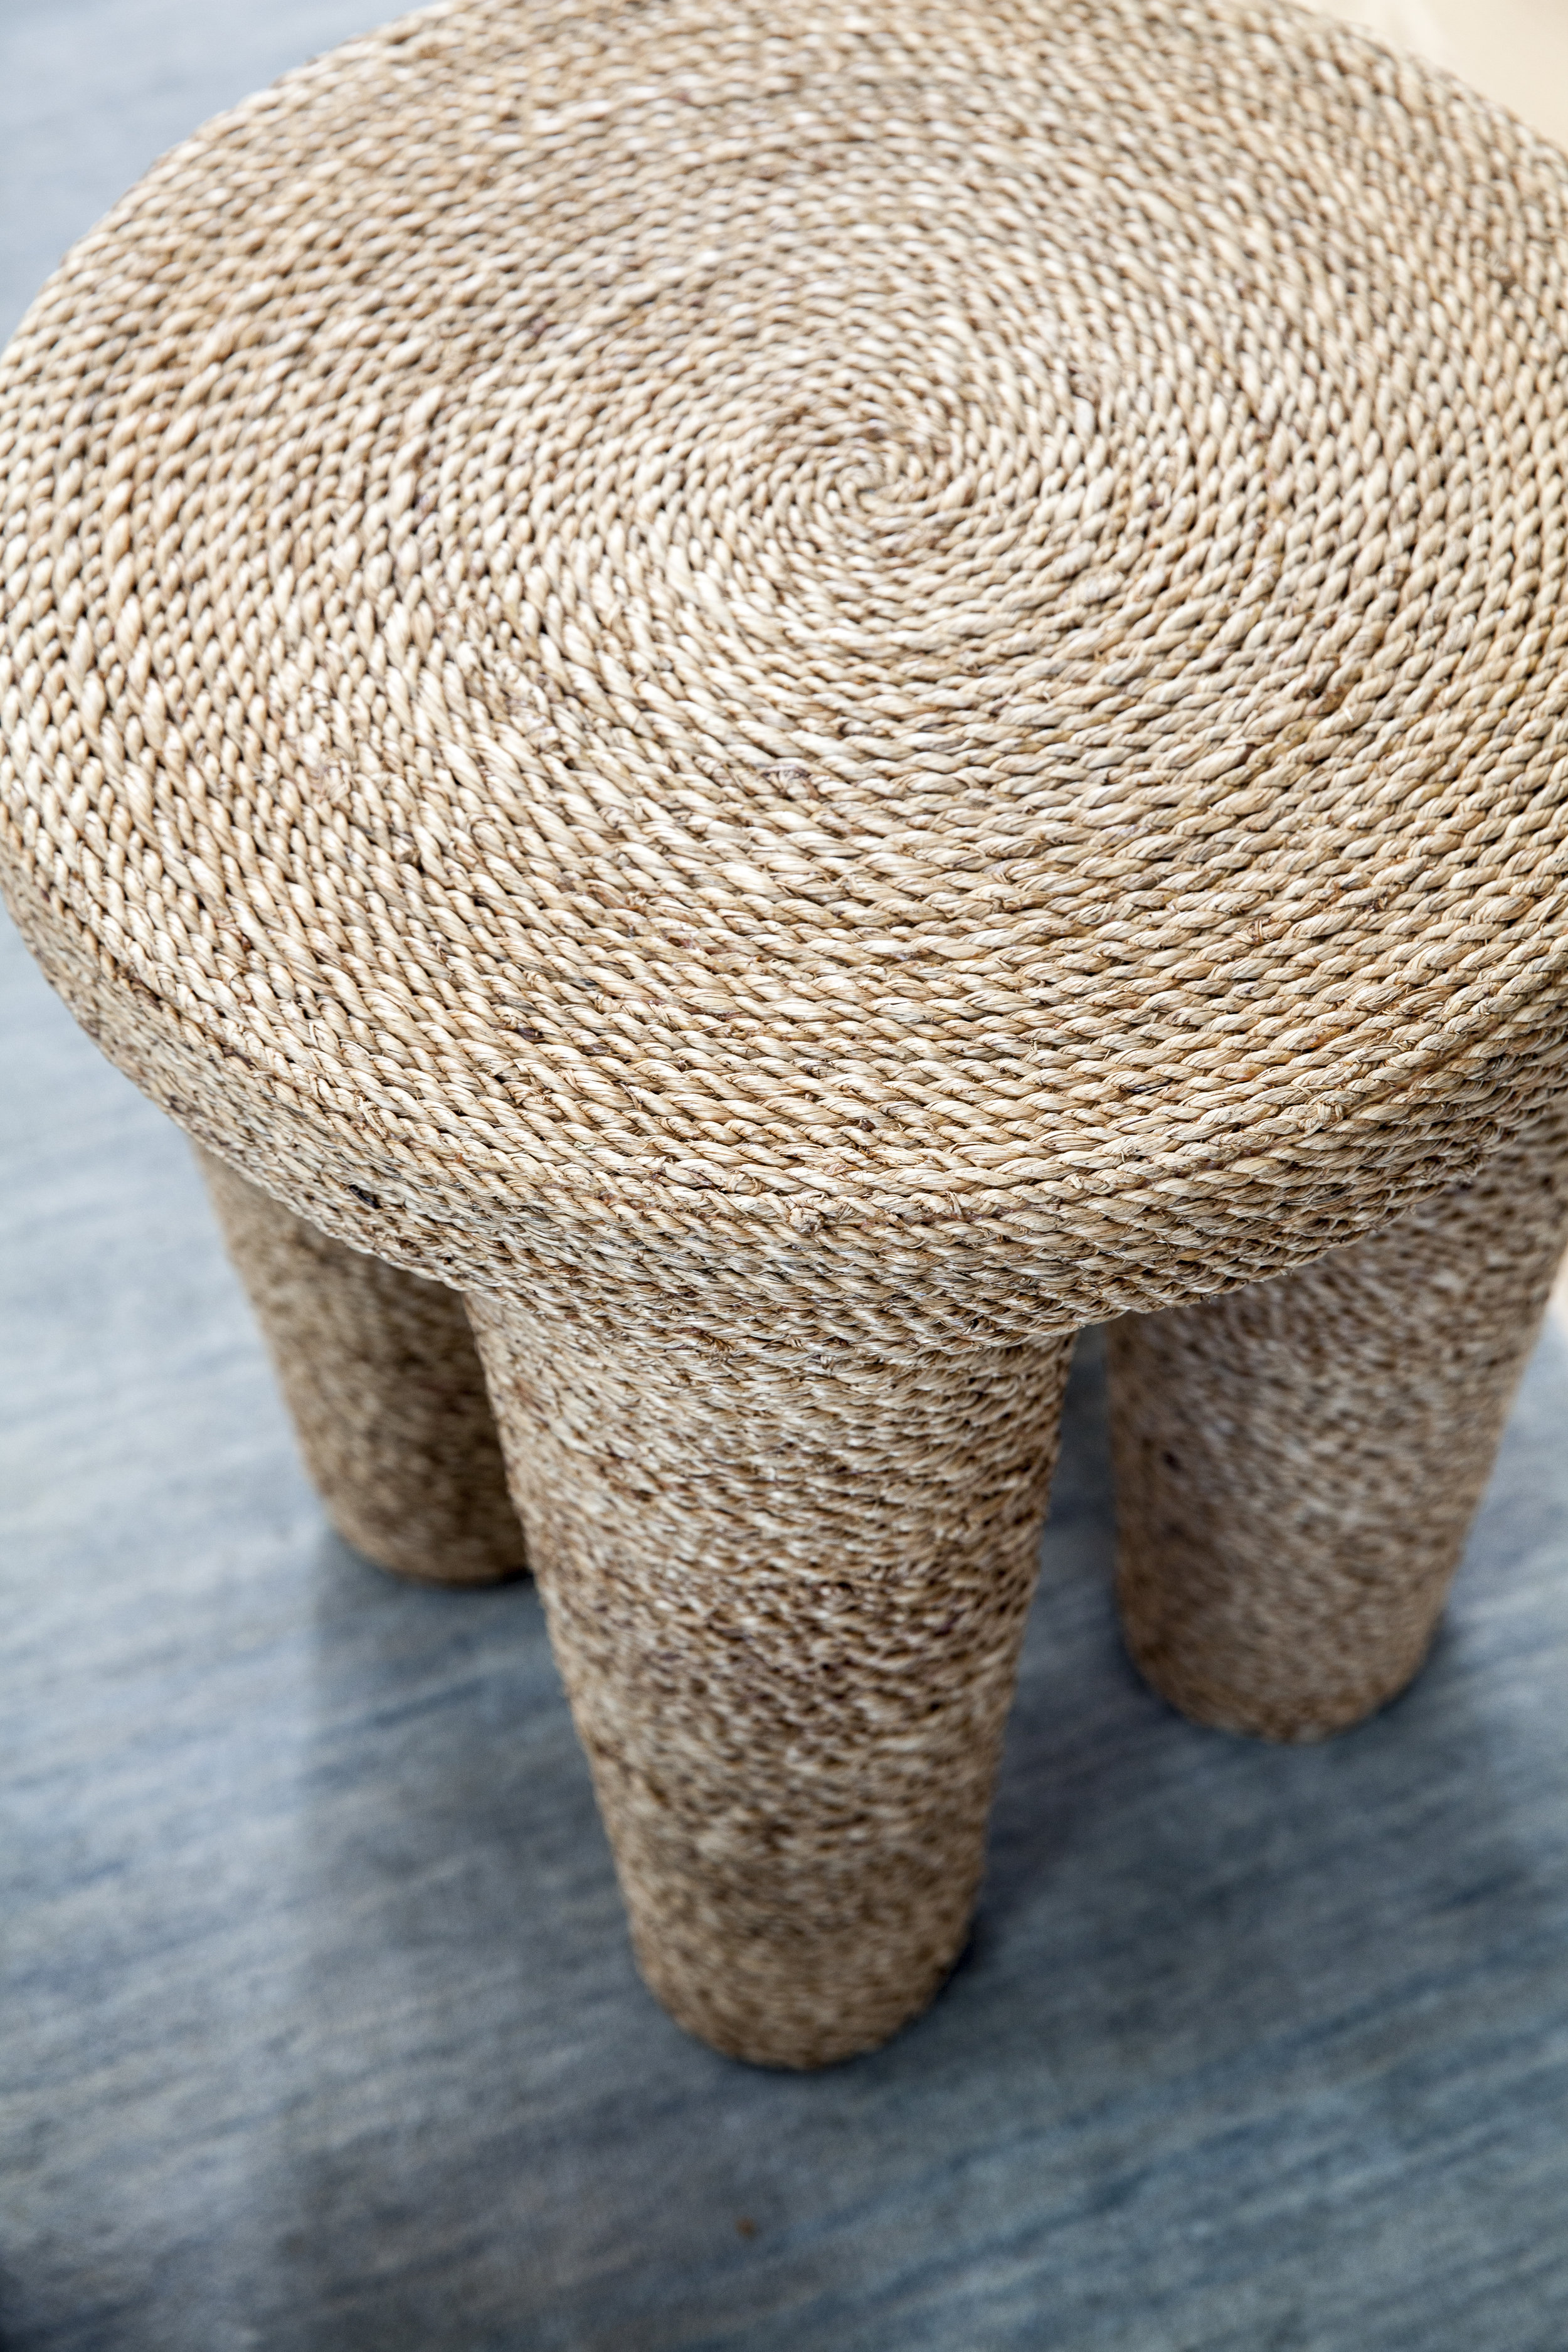 seaside-bungalow-handmade-stool.jpg